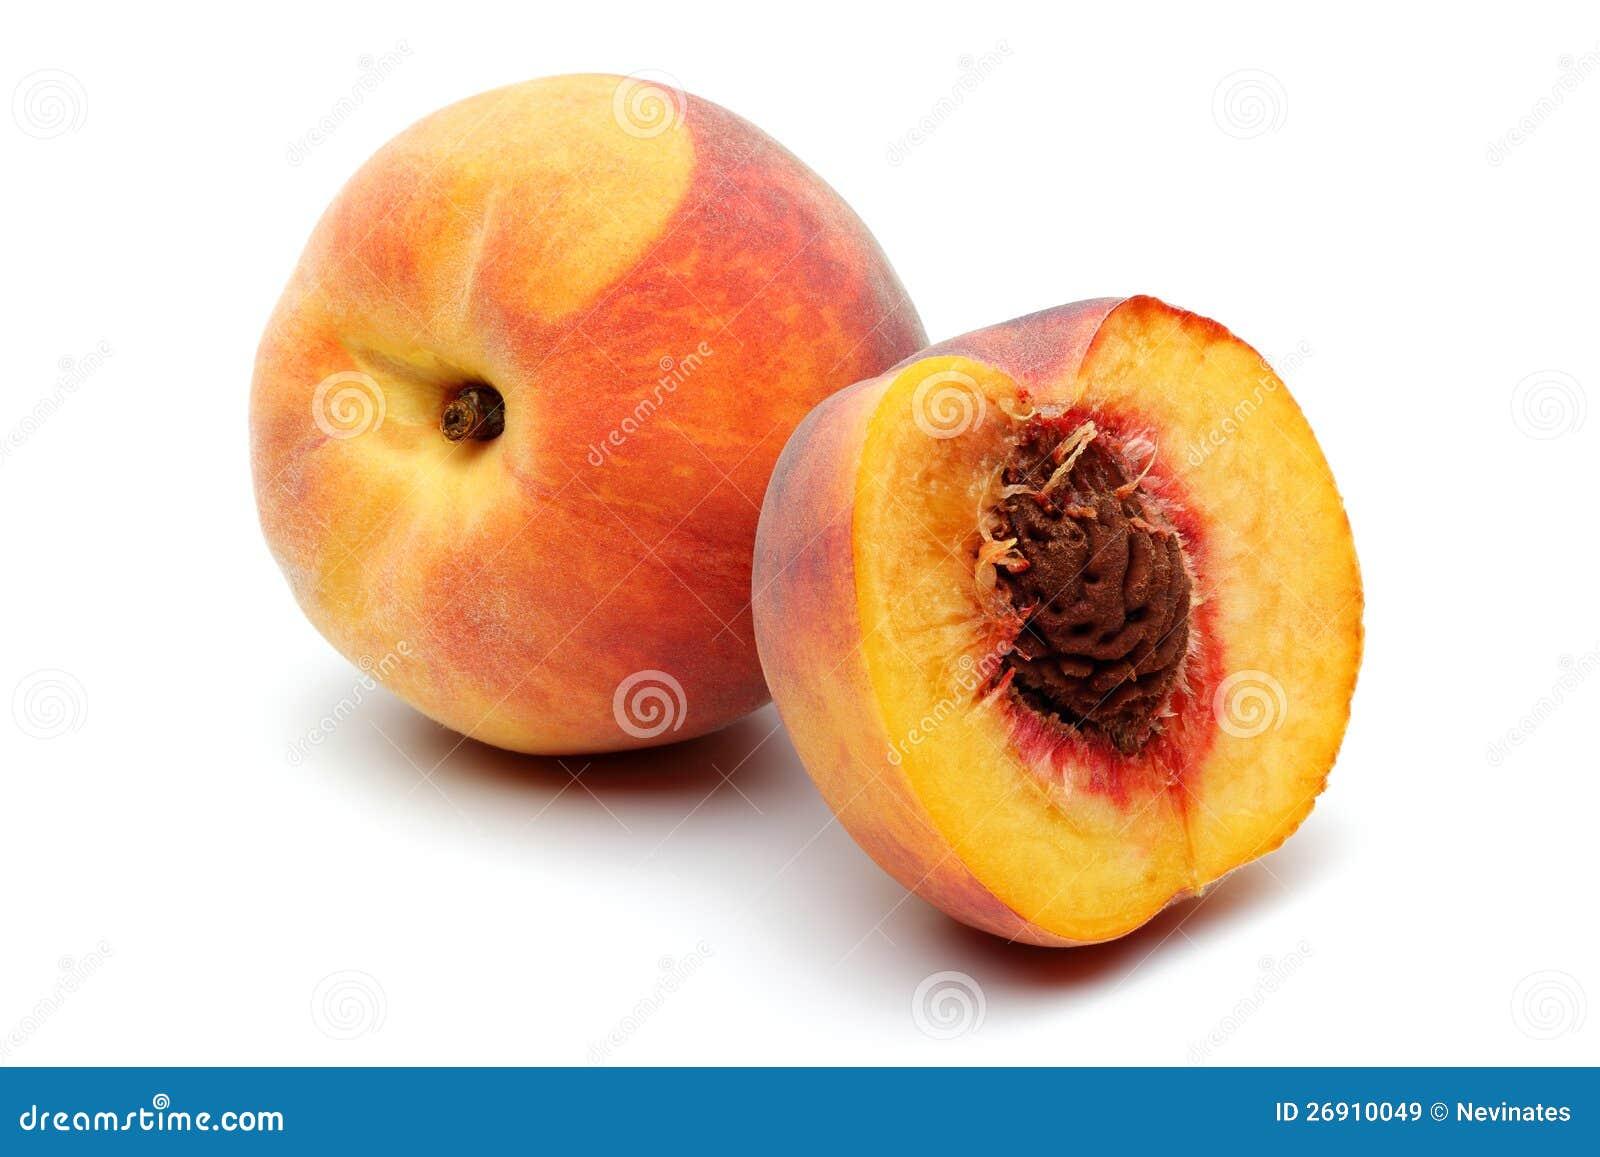 Peach and half peach